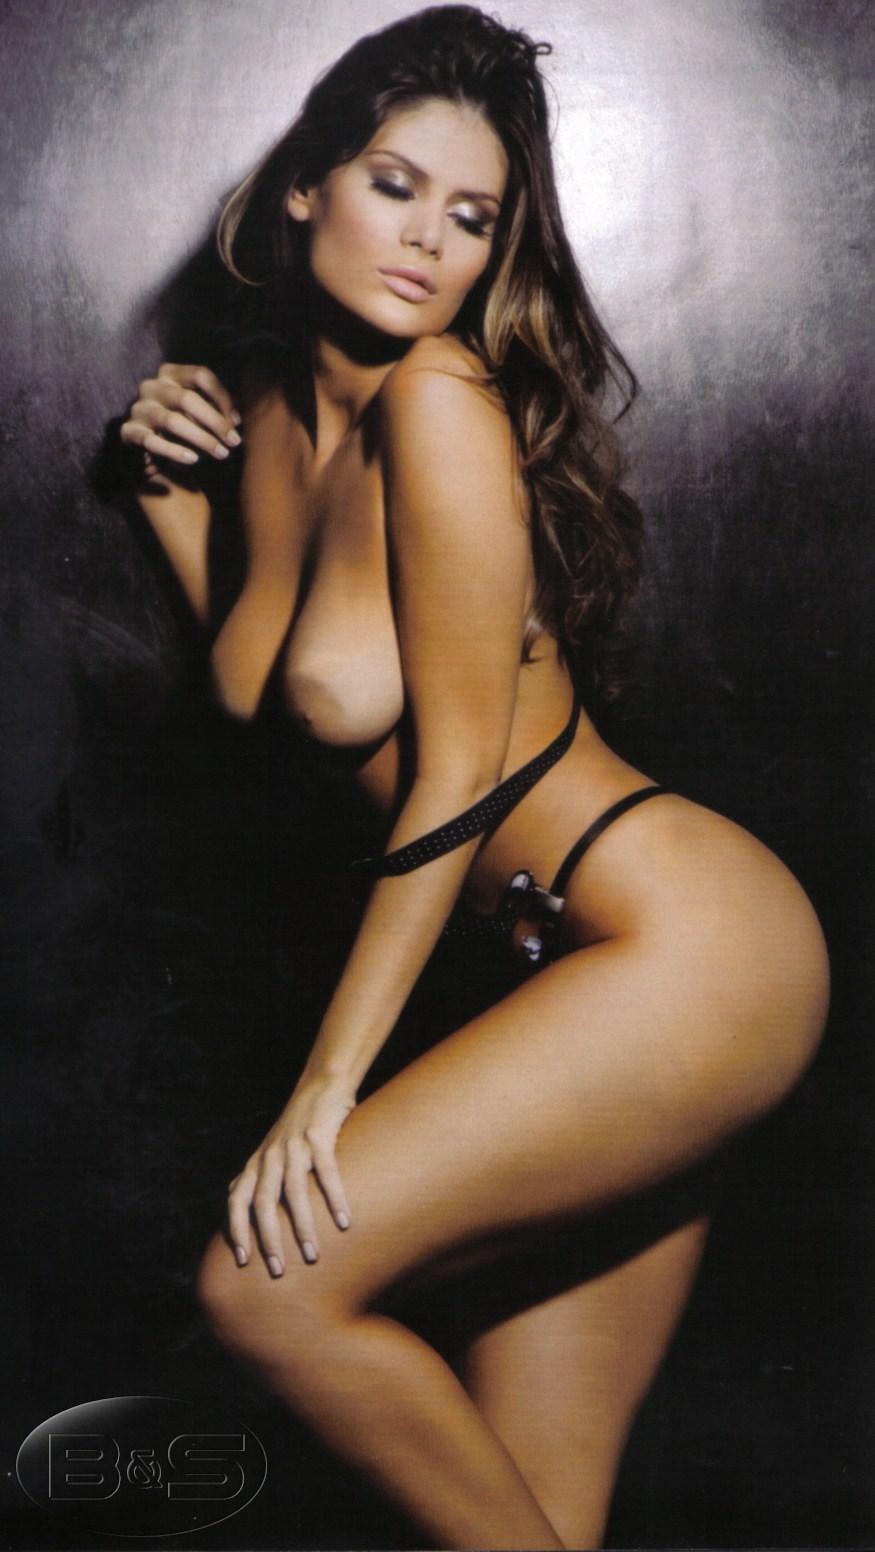 Playboy Capa Edicao Outubro A Gata Do Bbb Morena Mais Linda